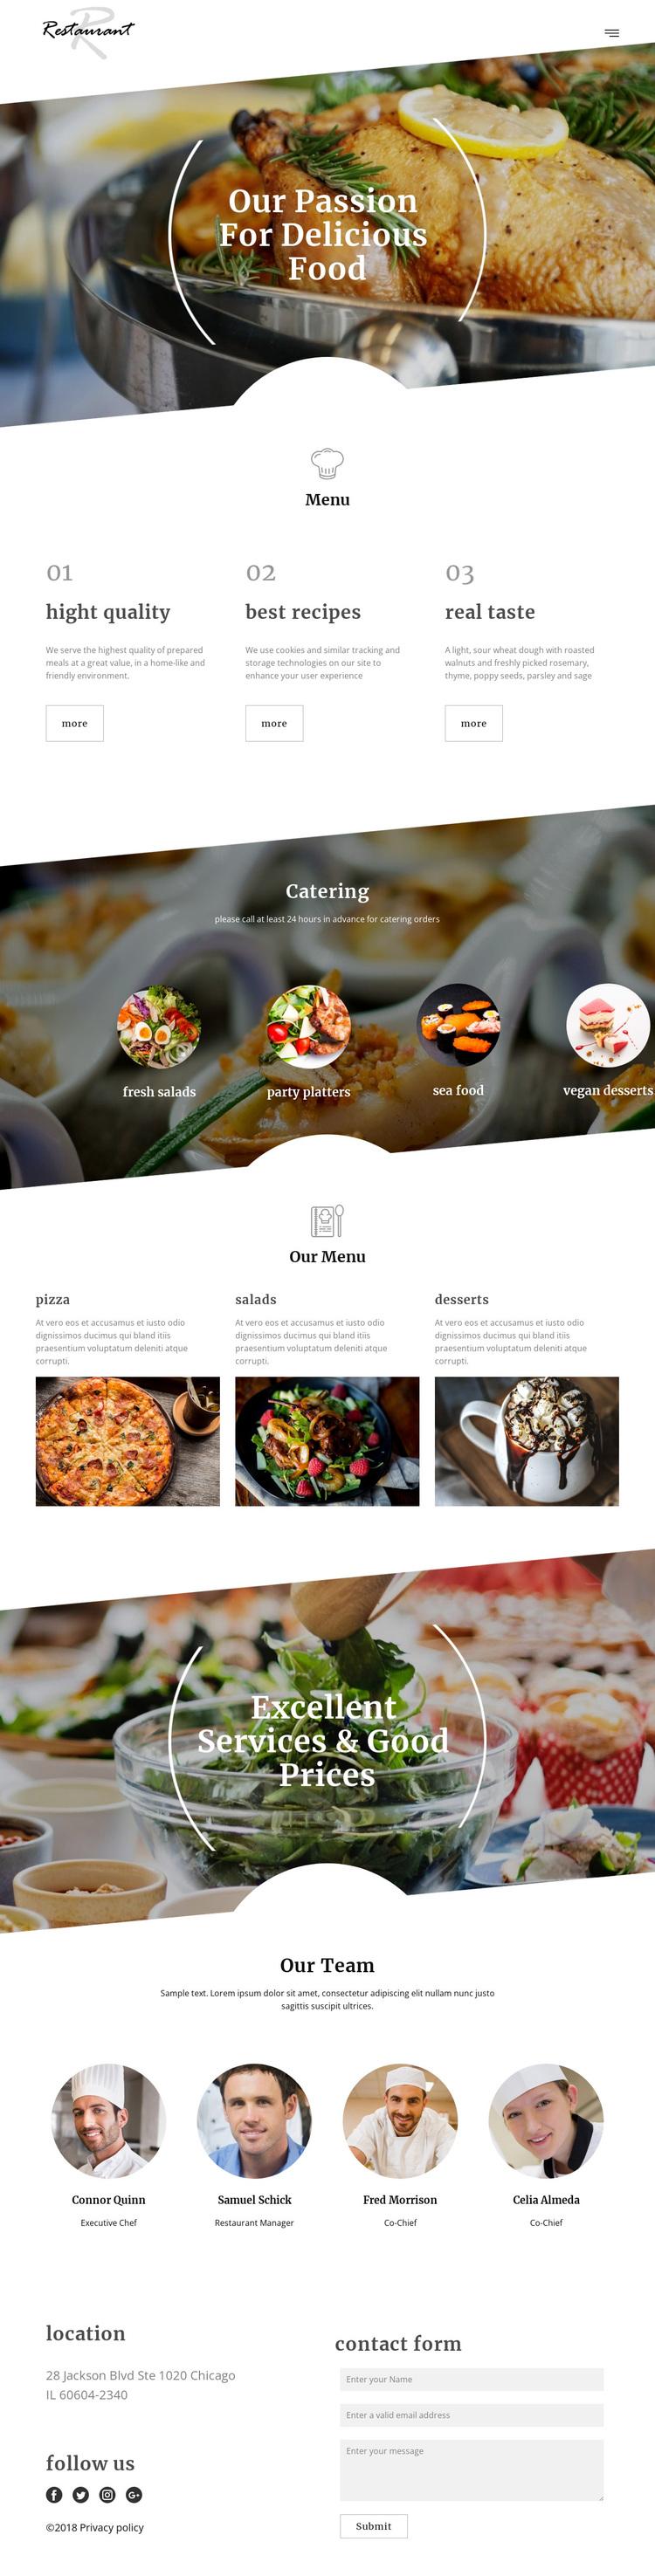 Executive chef recipes Joomla Page Builder